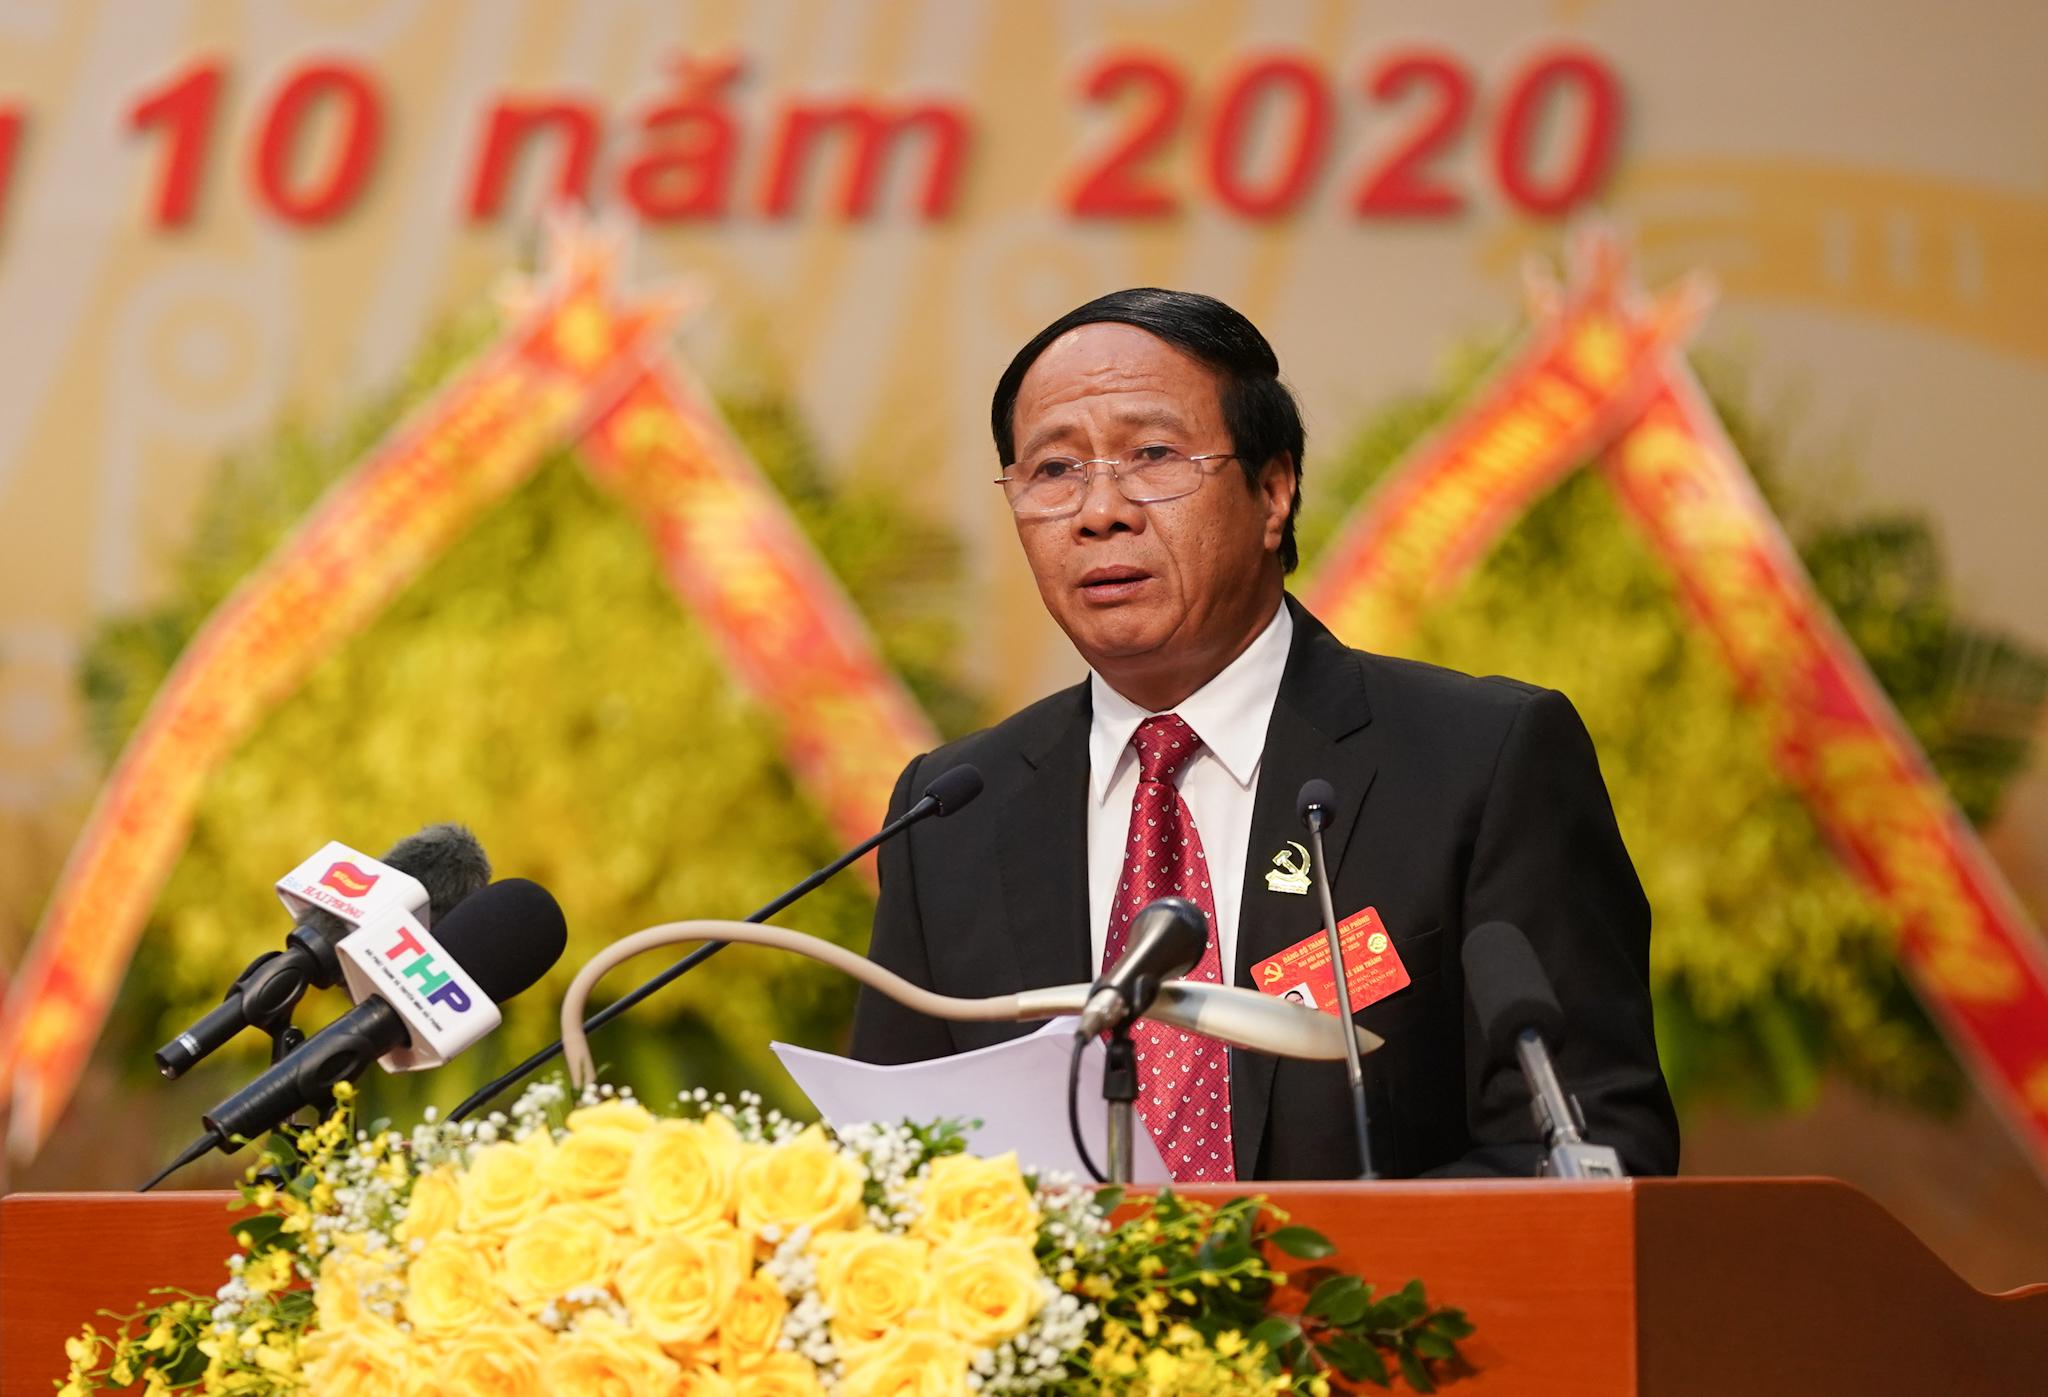 Bí thư Thành ủy Hải Phòng Lê Văn Thành phát biểu khai mạc. Ảnh: VGP/Quang Hiếu